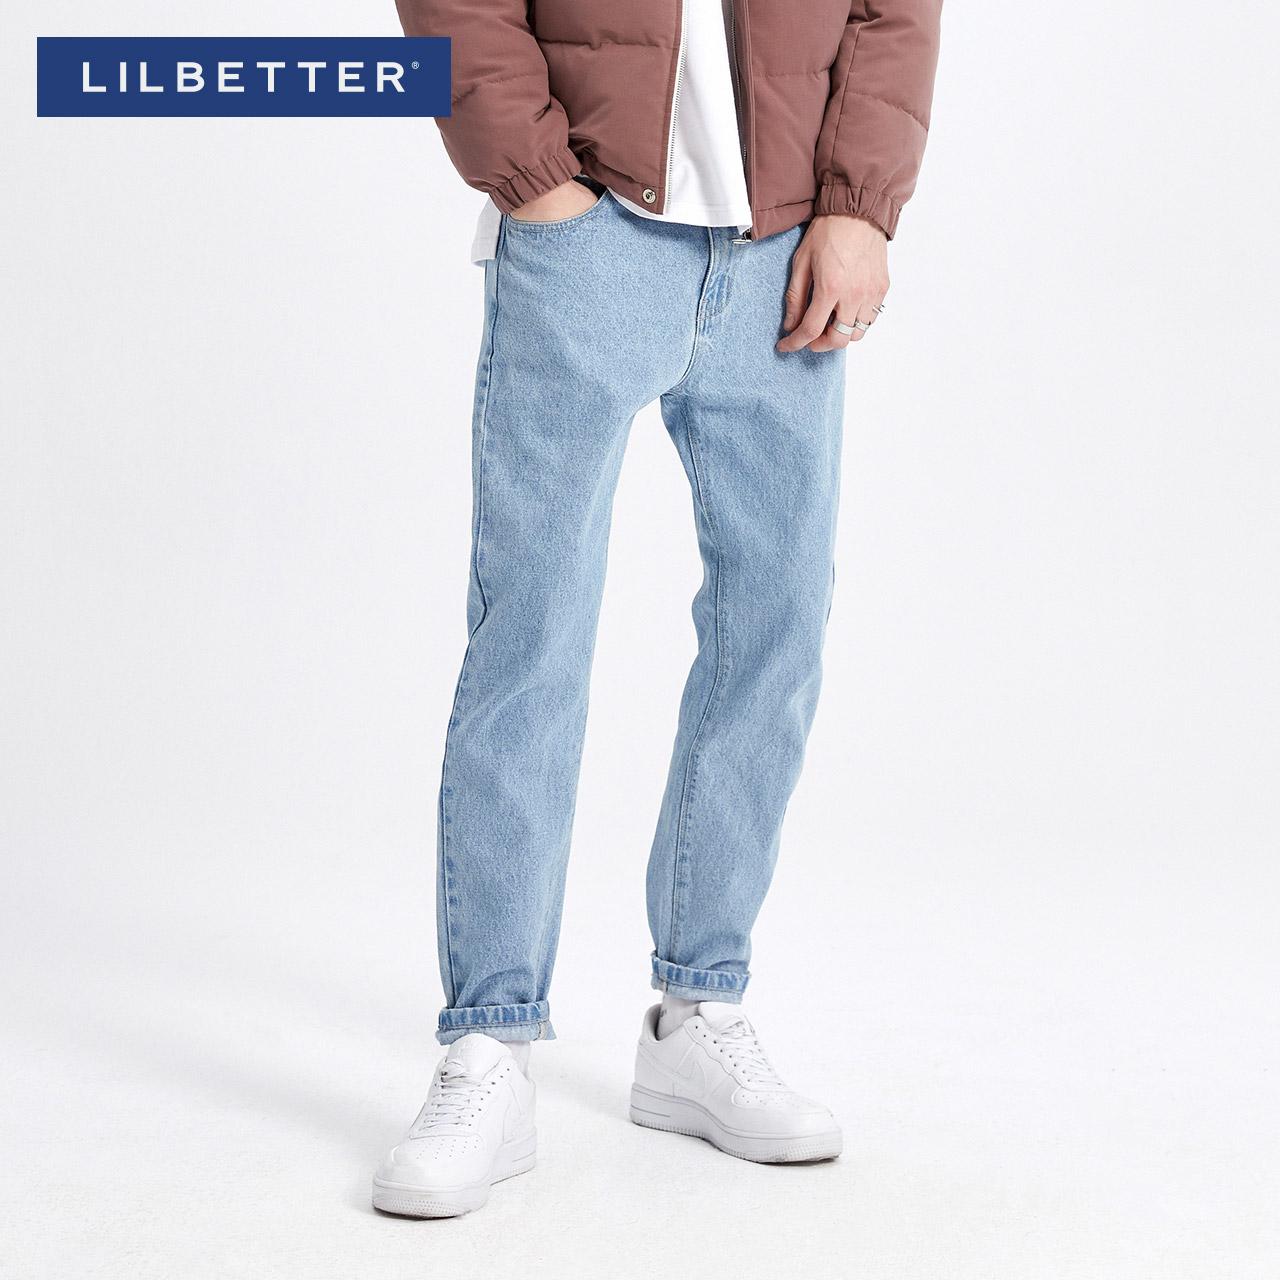 Lilbetter牛仔褲男純色水洗春裝男褲淺藍色青少年百搭牛仔 褲